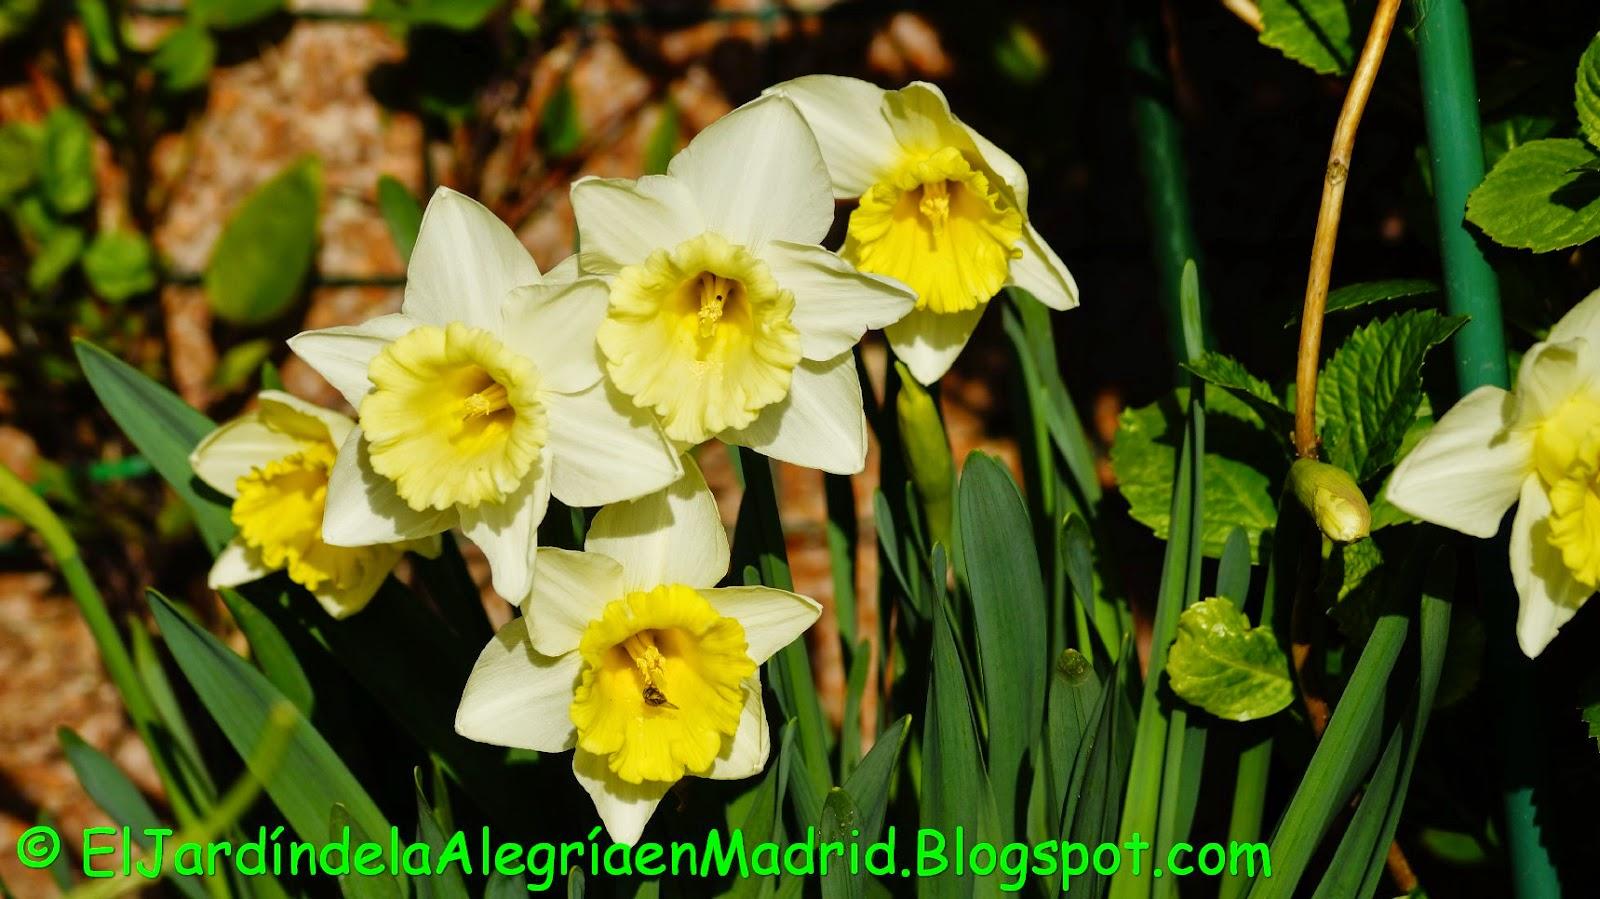 El jardn de la alegra Plantando bulbos de narcisos y Allium